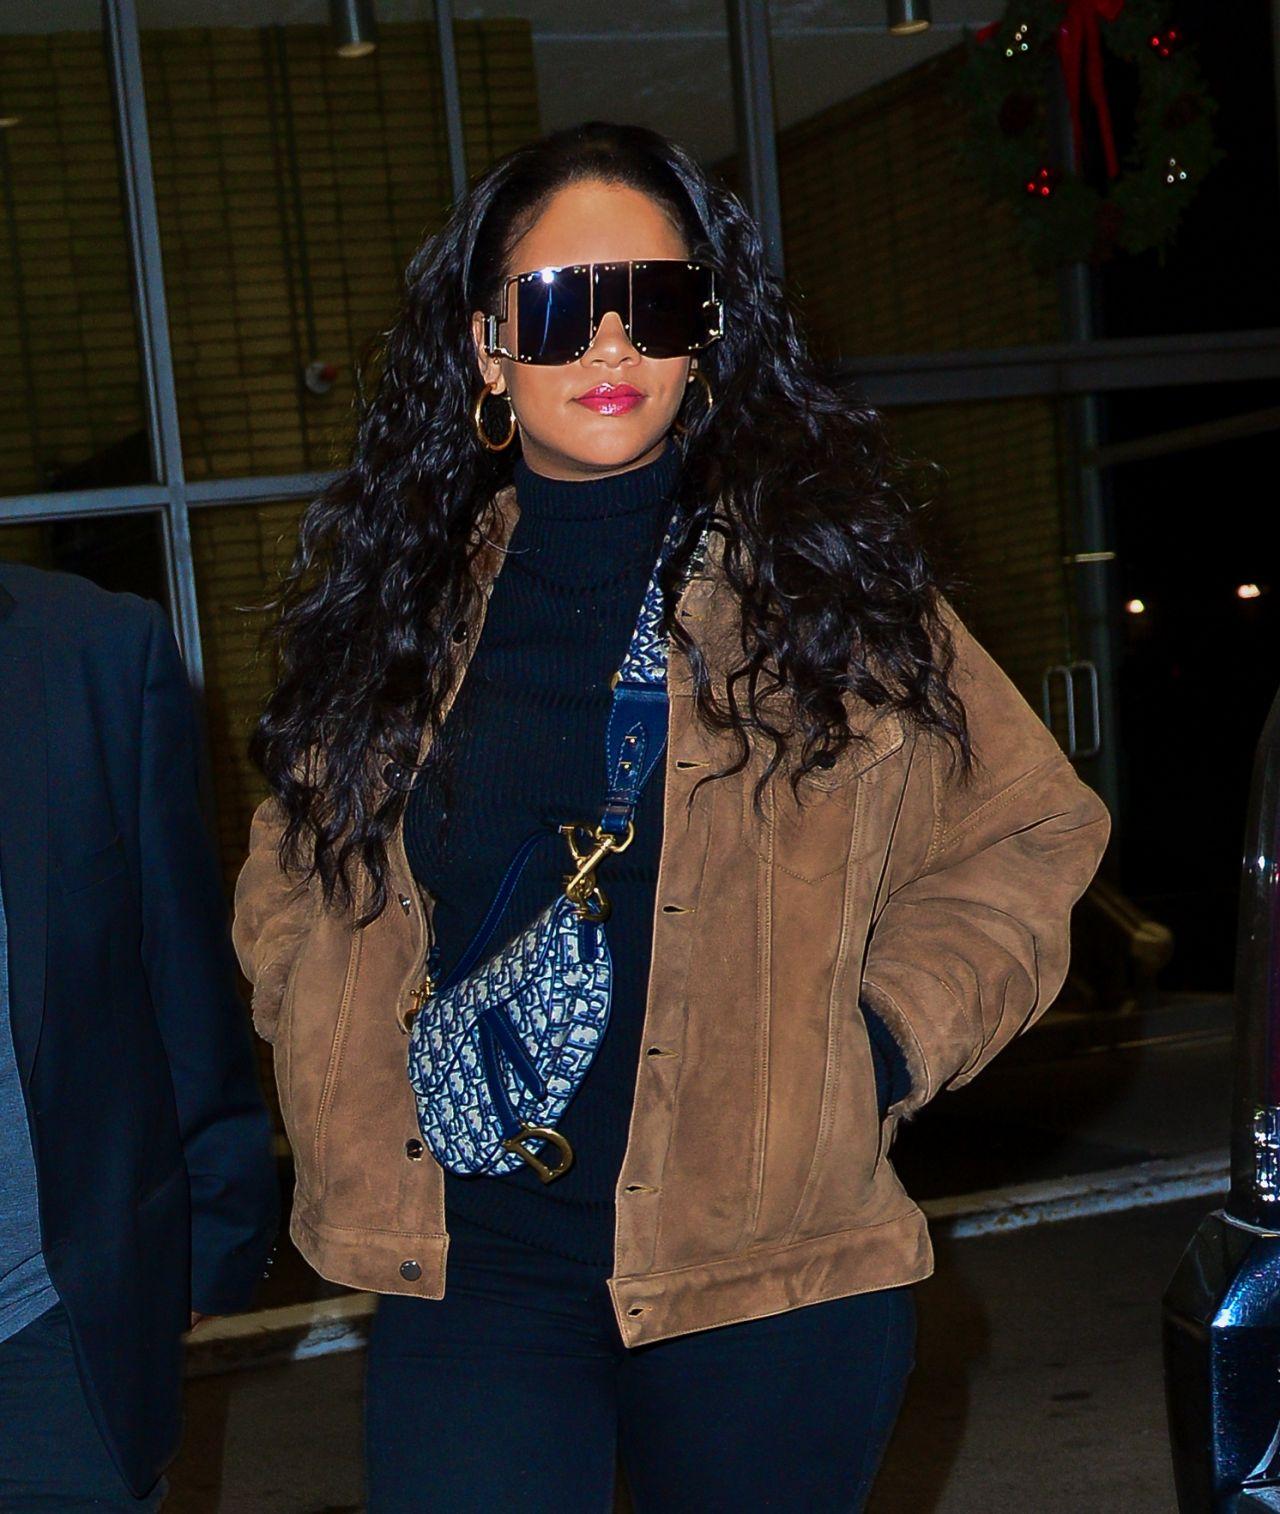 Rihanna Night Out Style 01 15 2019